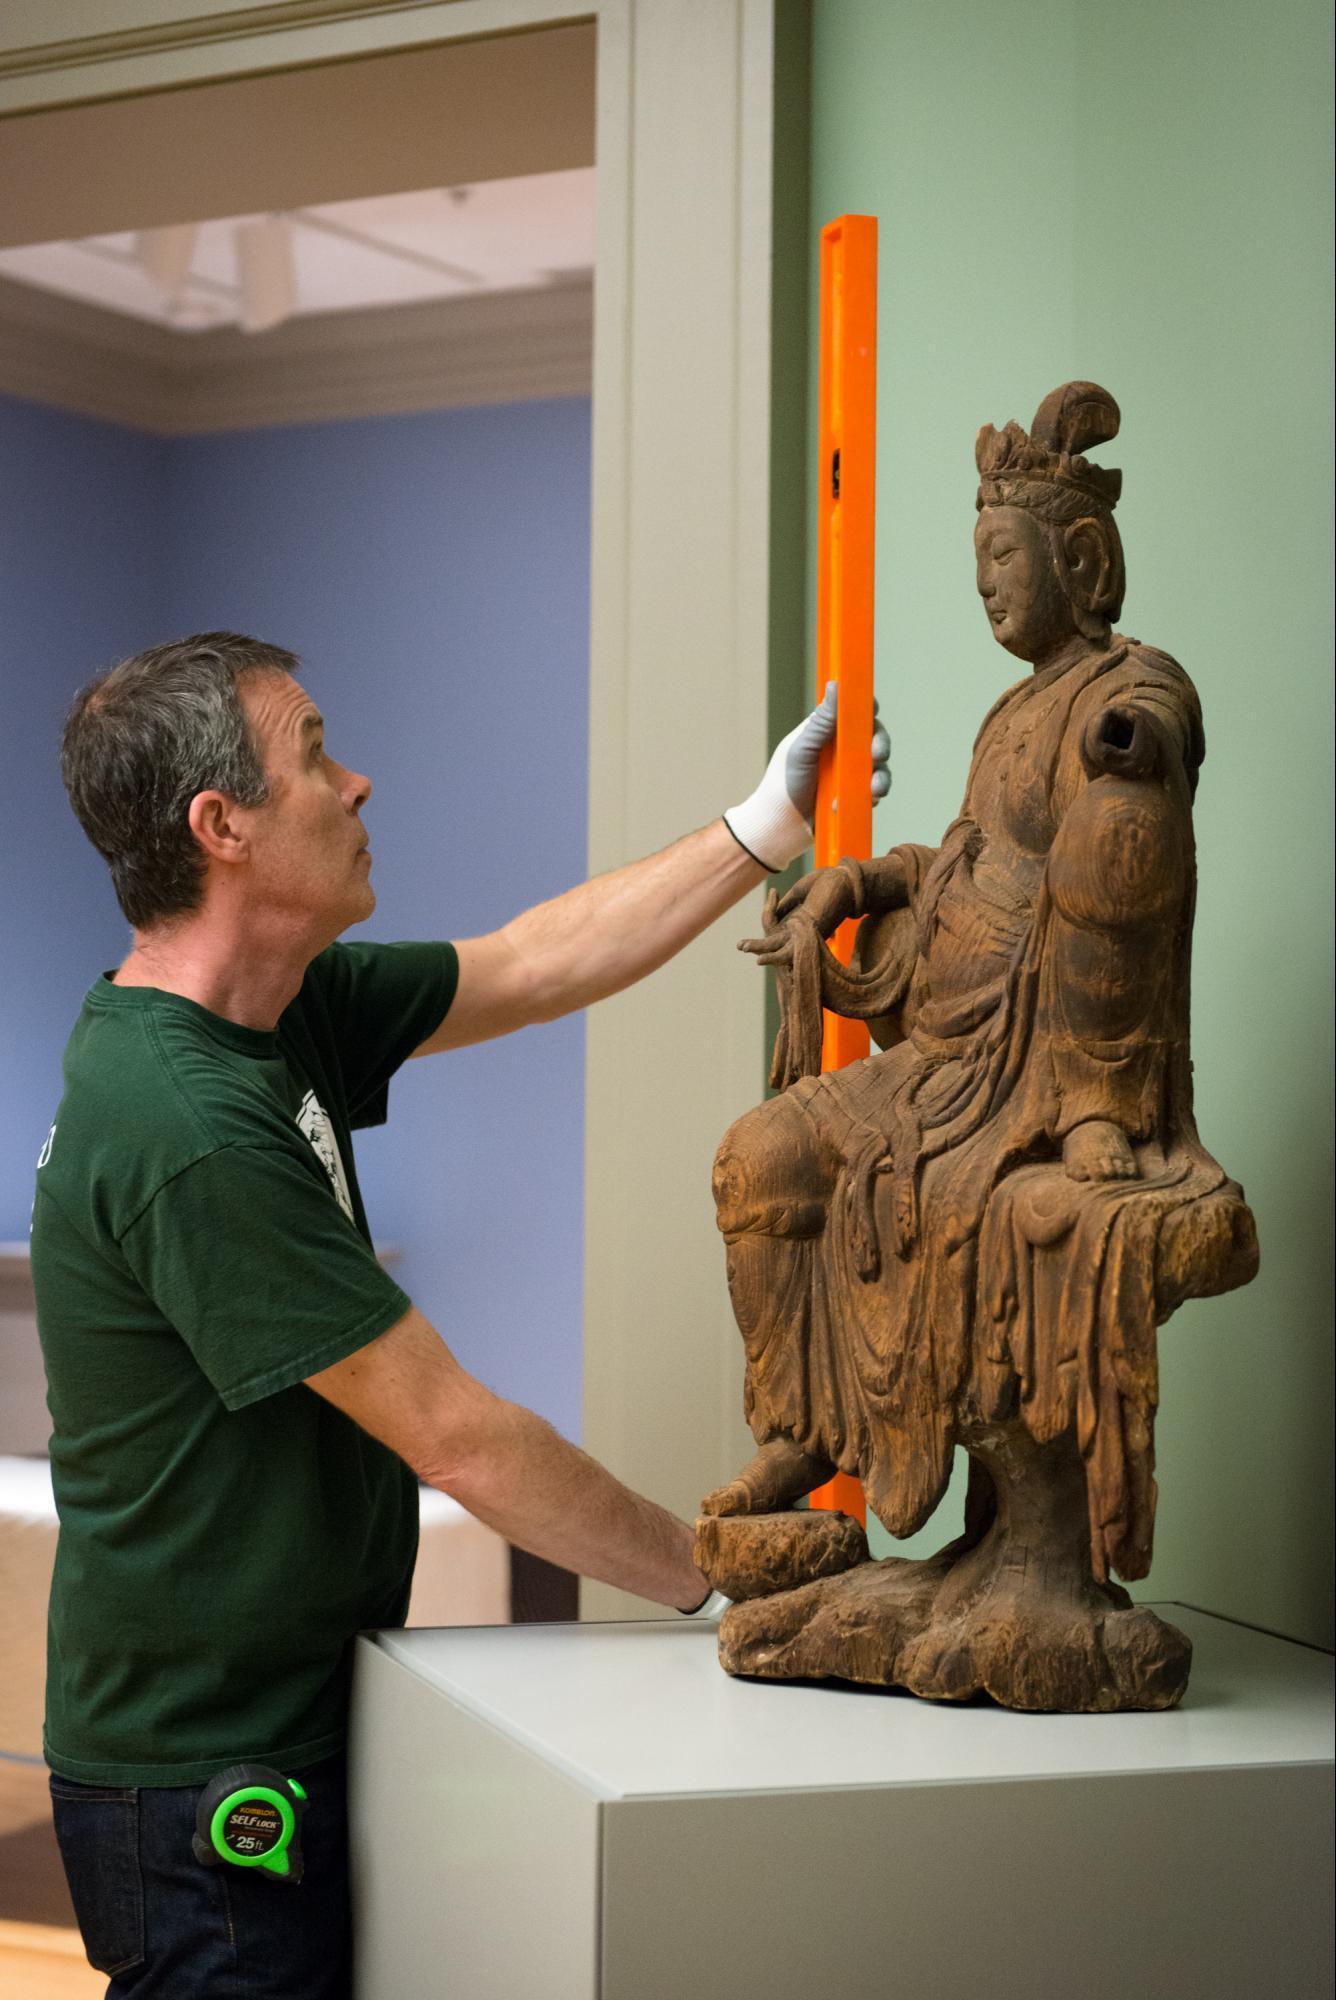 a staff member installing a sculpture